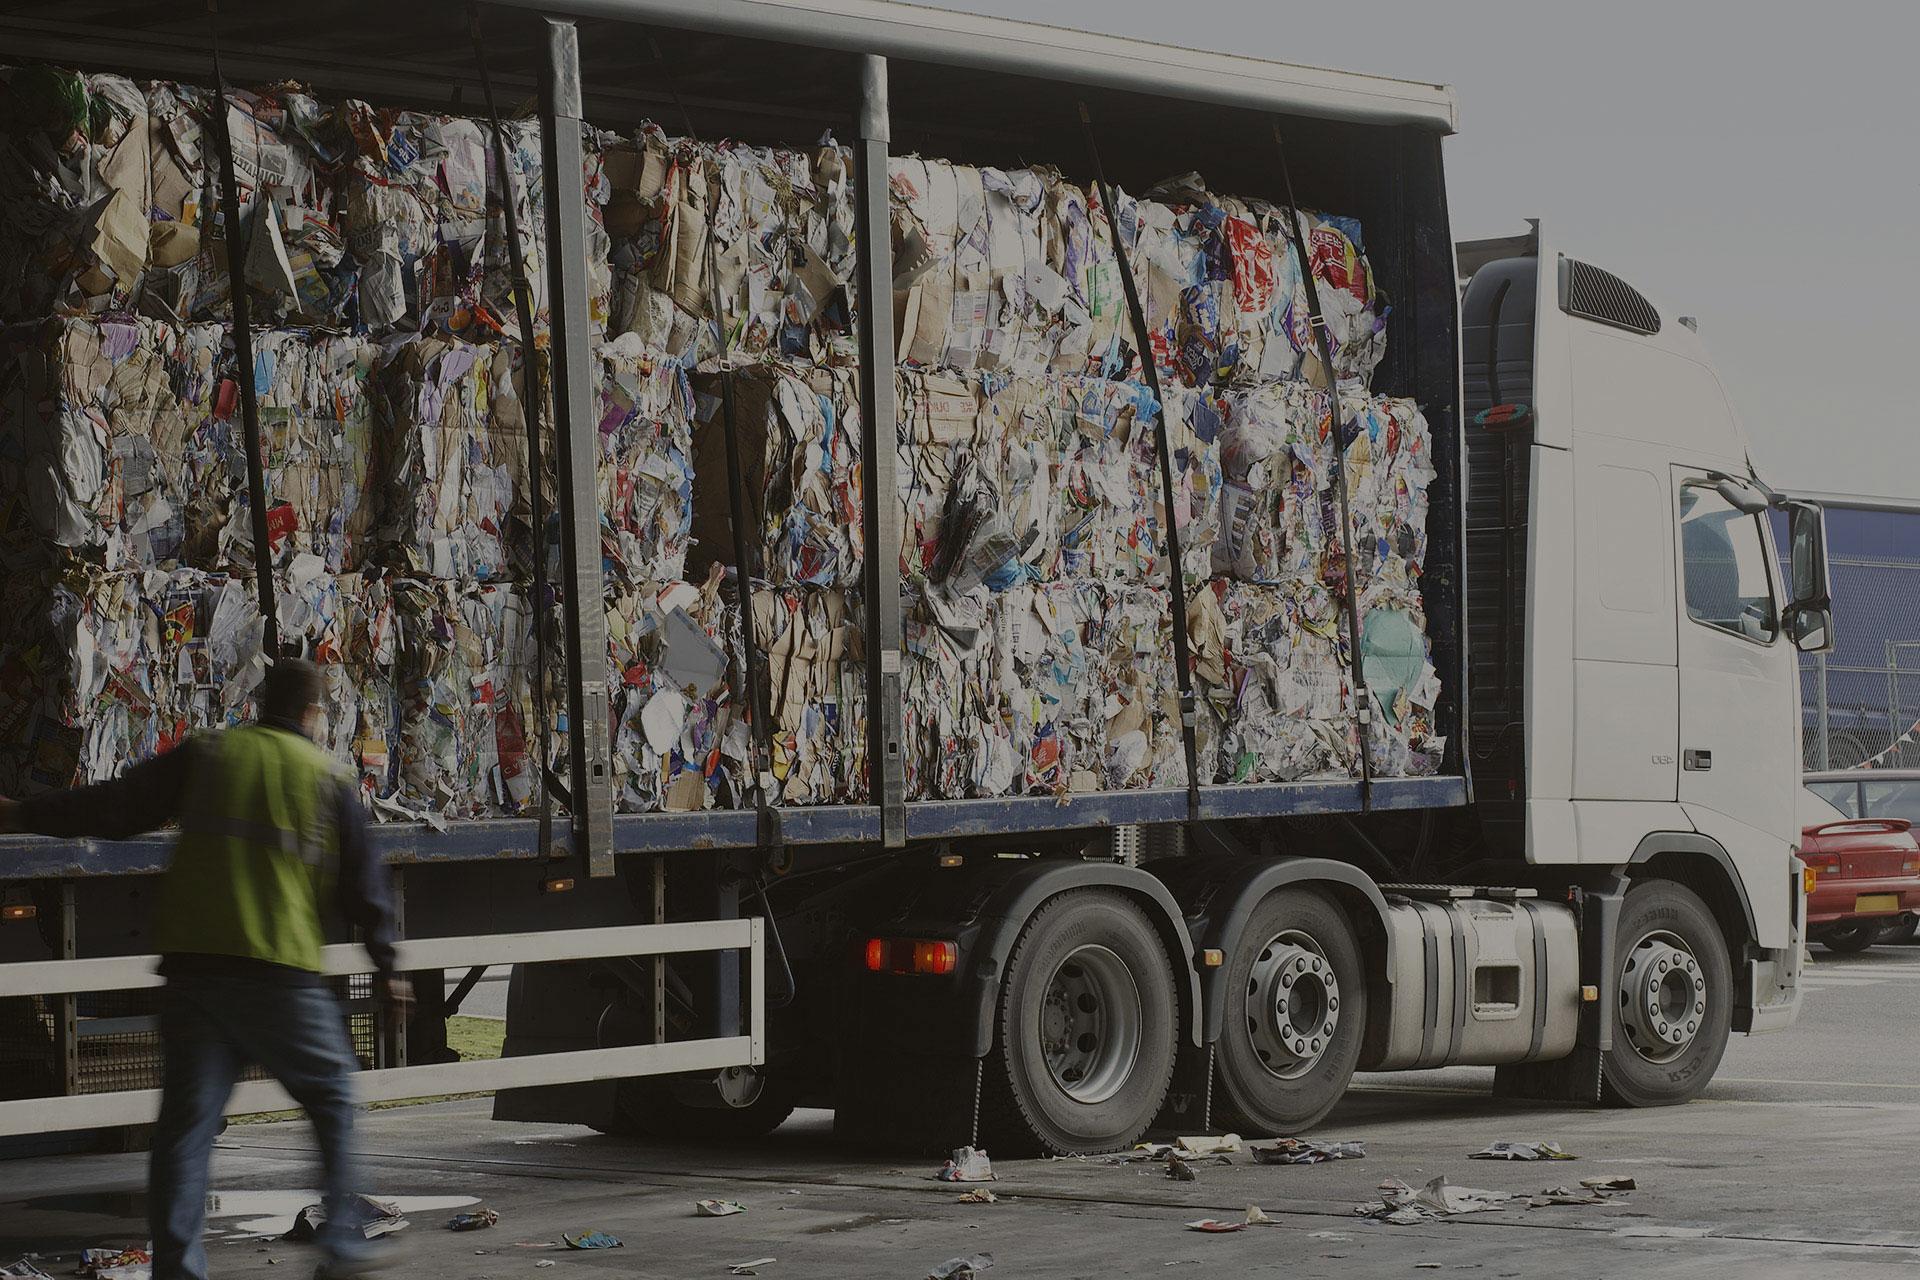 recyklacia enwaste